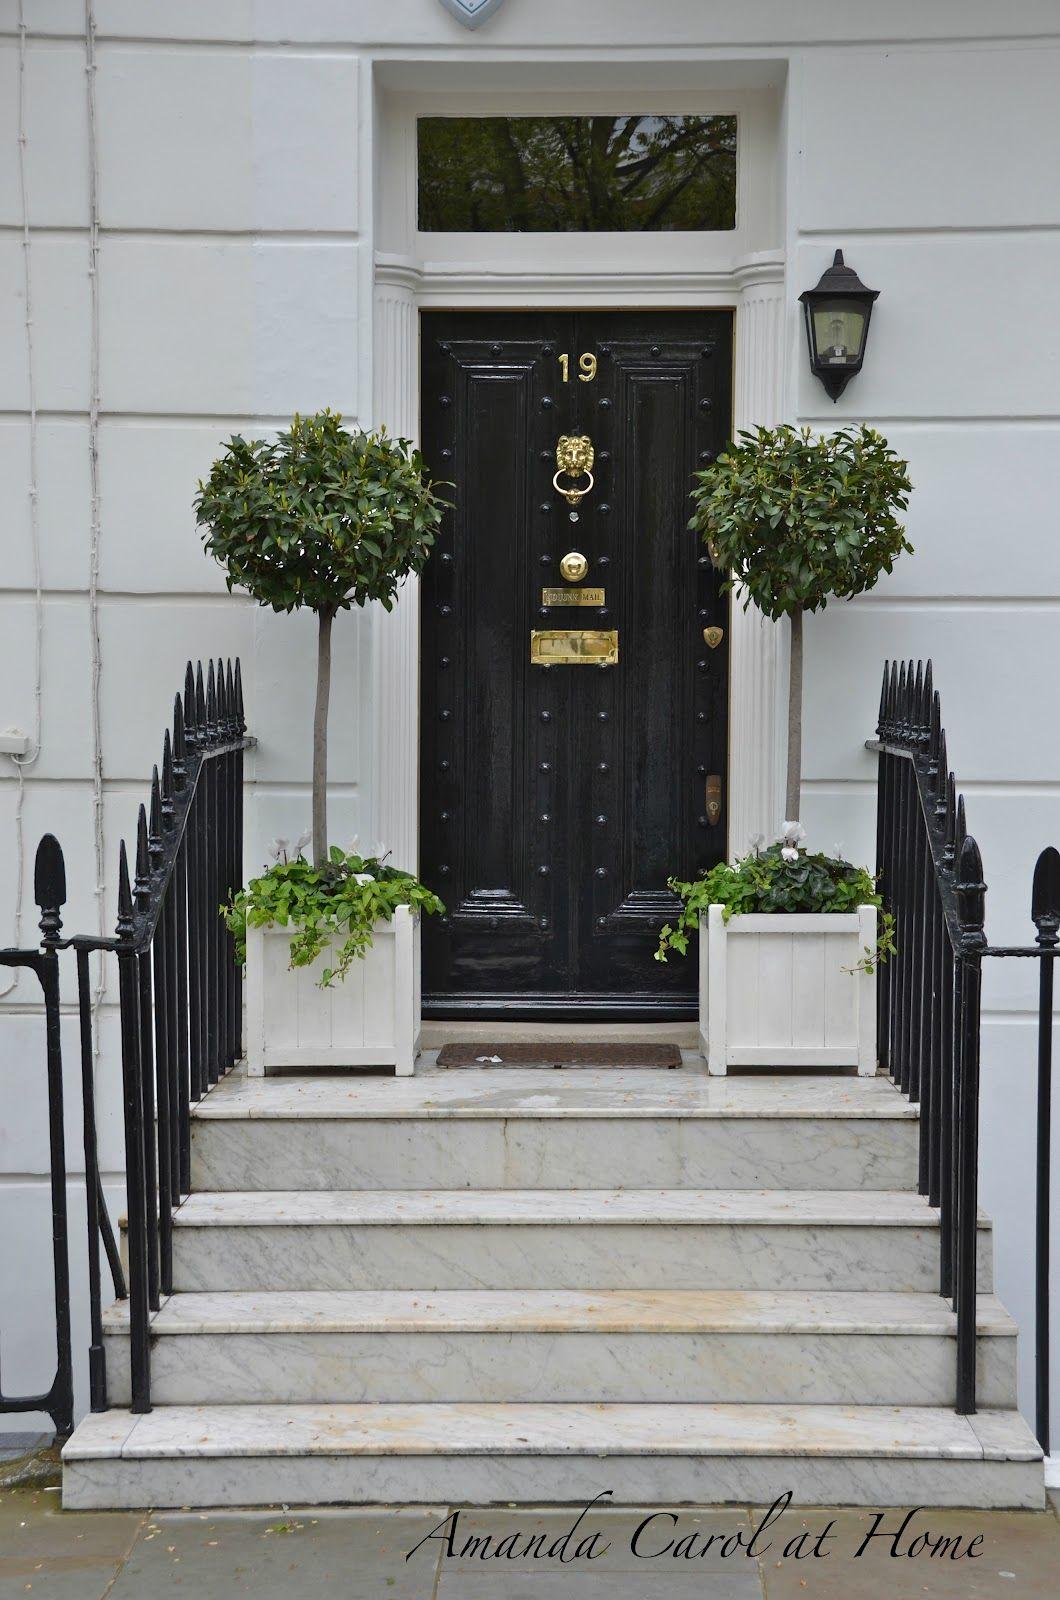 London+Door-black.jpg 1060×1600 pixels & London+Door-black.jpg 1060×1600 pixels | Architectural Details ...